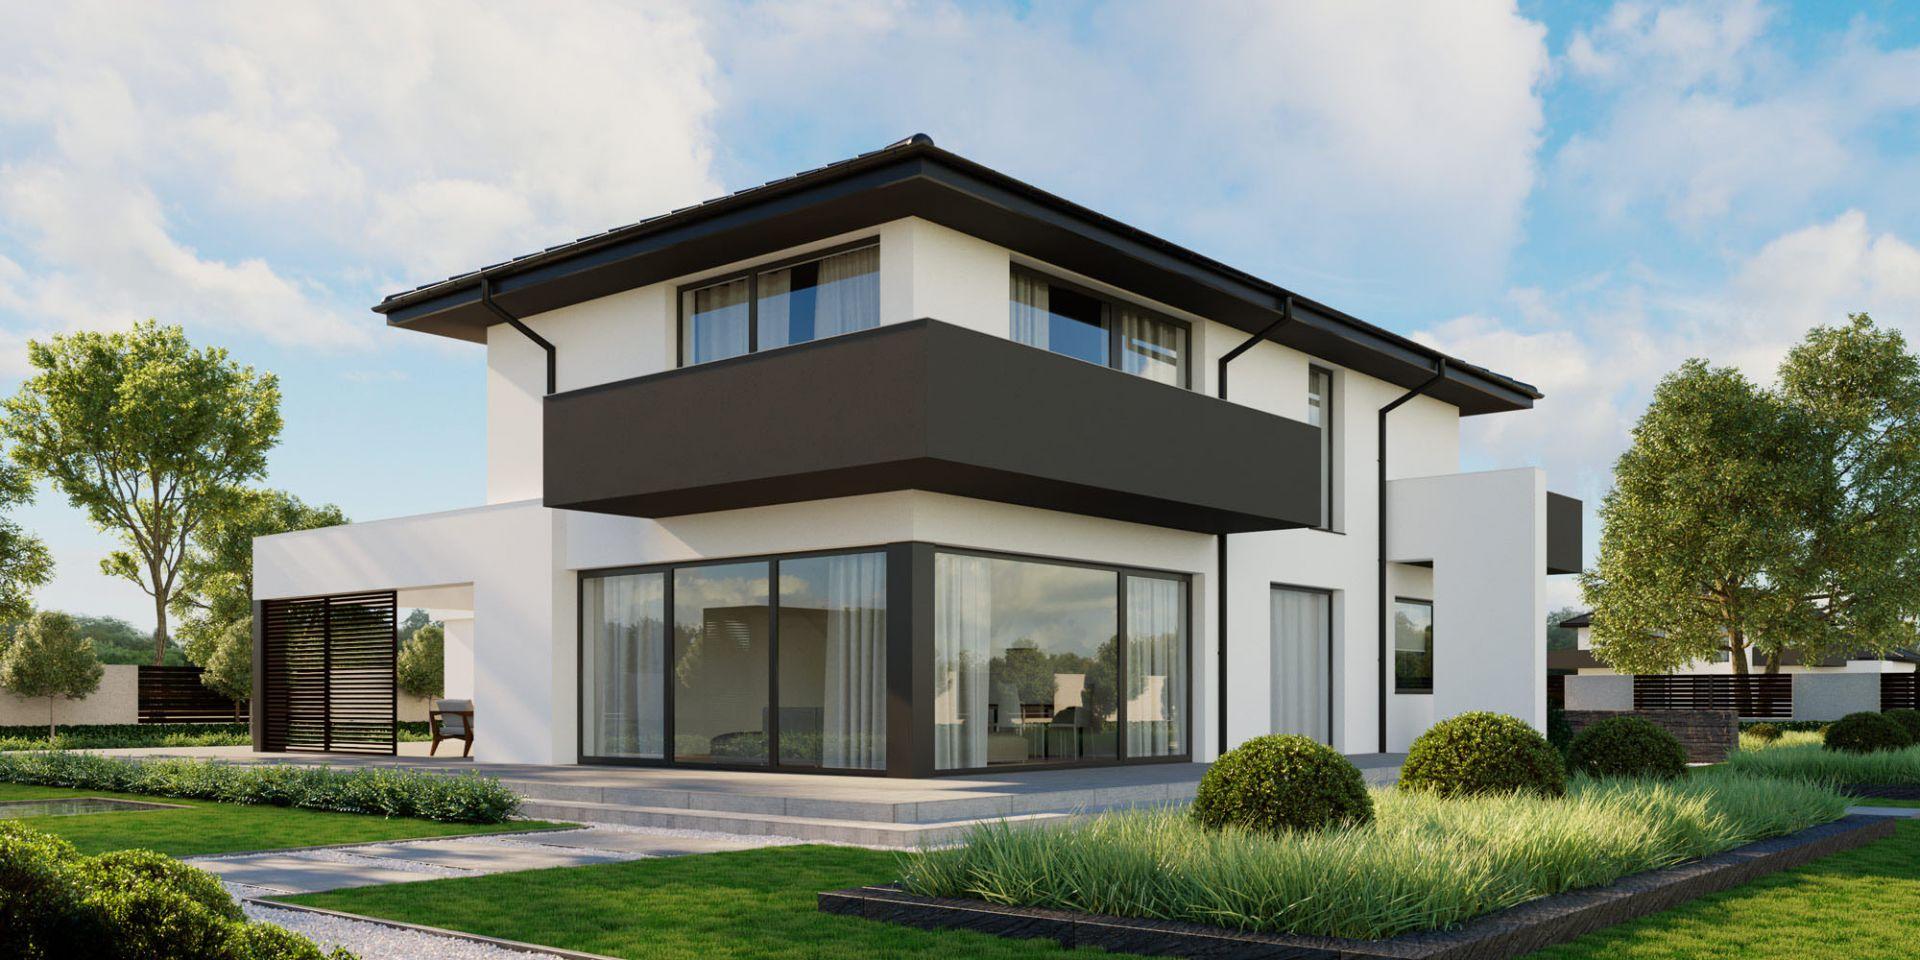 Elementem łączącym obie części domu jest obszerny taras wypoczynkowy dostępny z pomieszczeń na piętrze. Nazwa projektu: HomeKONCEPT 59. Projekt wykonano w Pracowni HomeKONCEPT